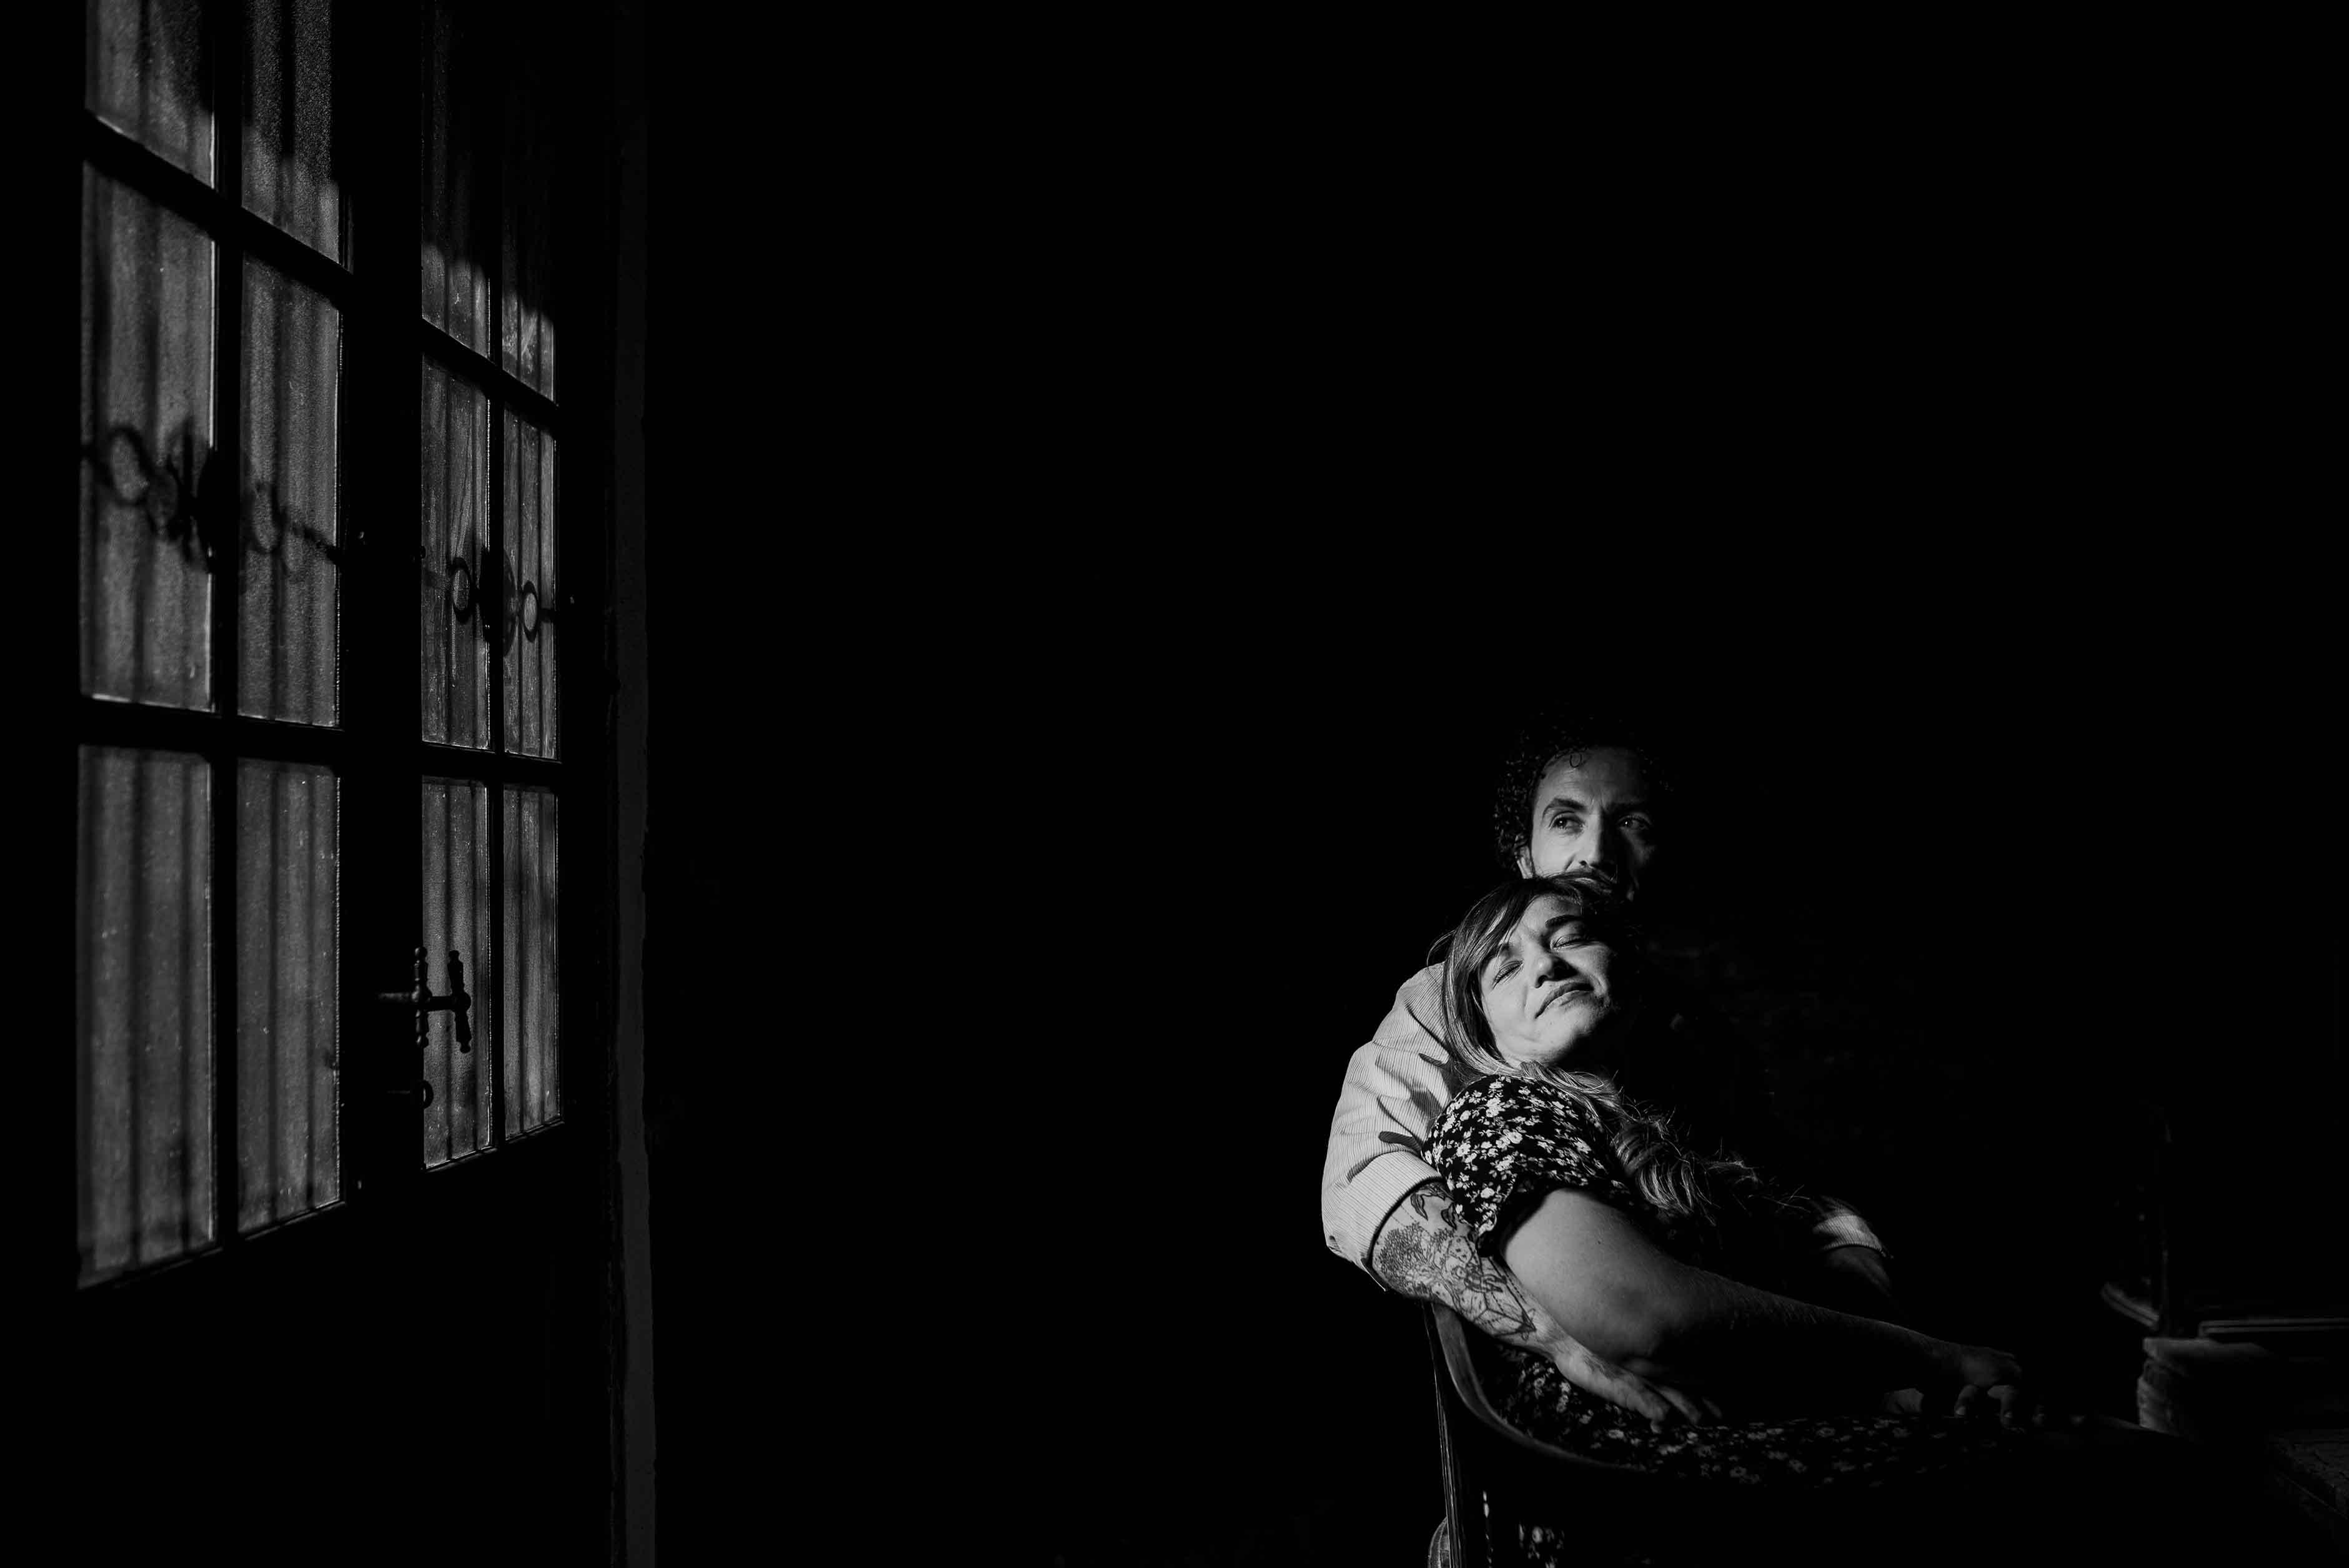 Fotos de la sesión de preboda de Ana y Mauri en Rosario realizadas por Bucle Fotografias Flor Bosio y Caro Clerici